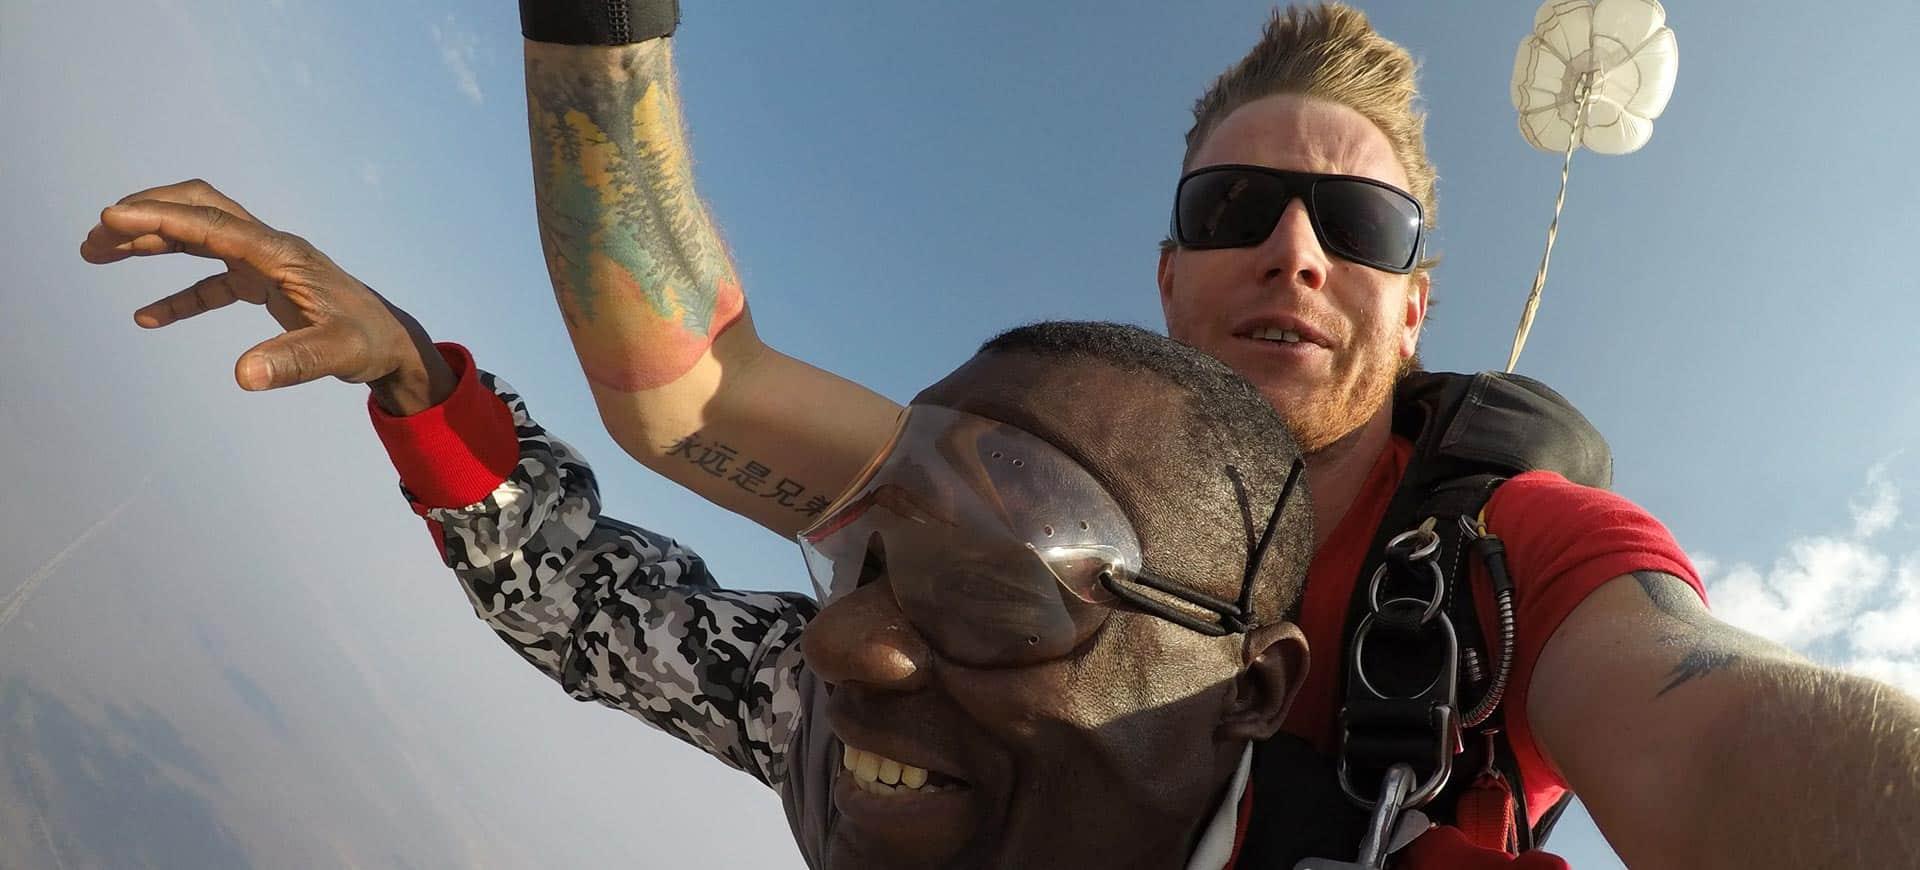 Skydive Victoria Falls